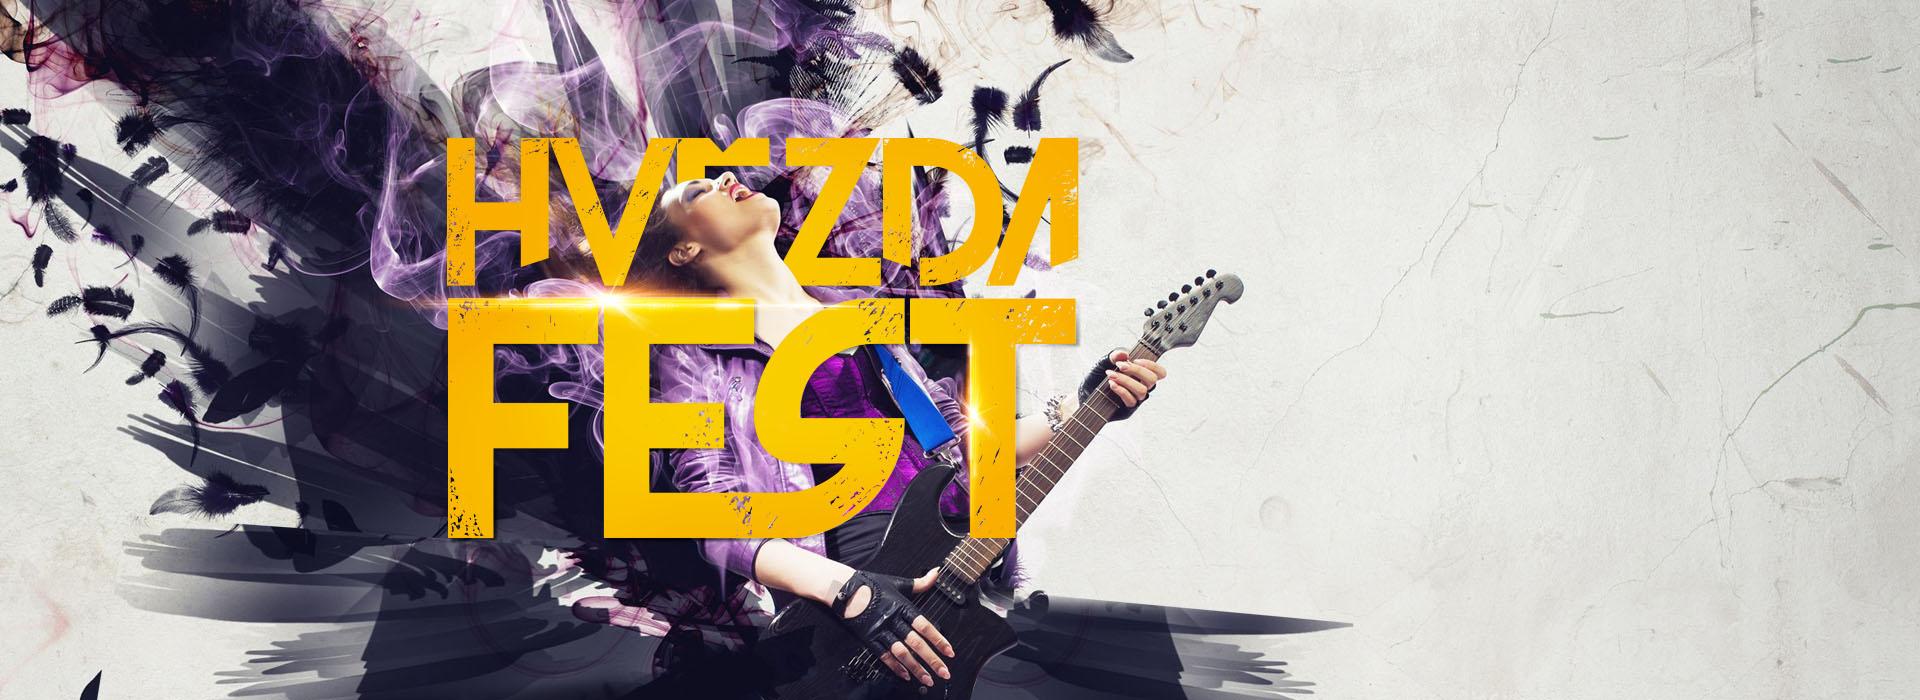 hvezdafest